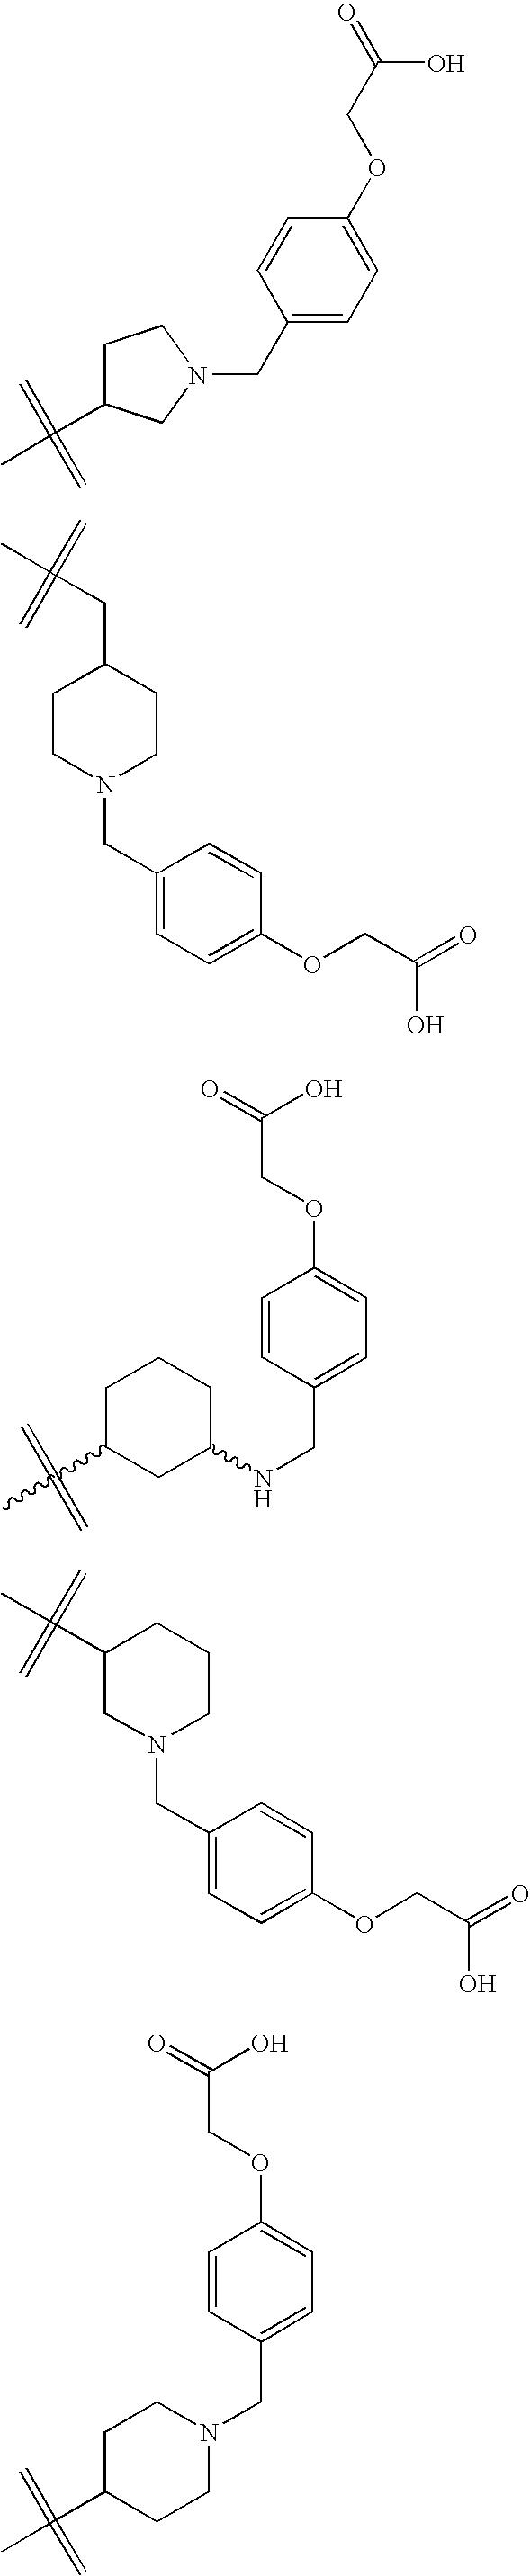 Figure US20070049593A1-20070301-C00110